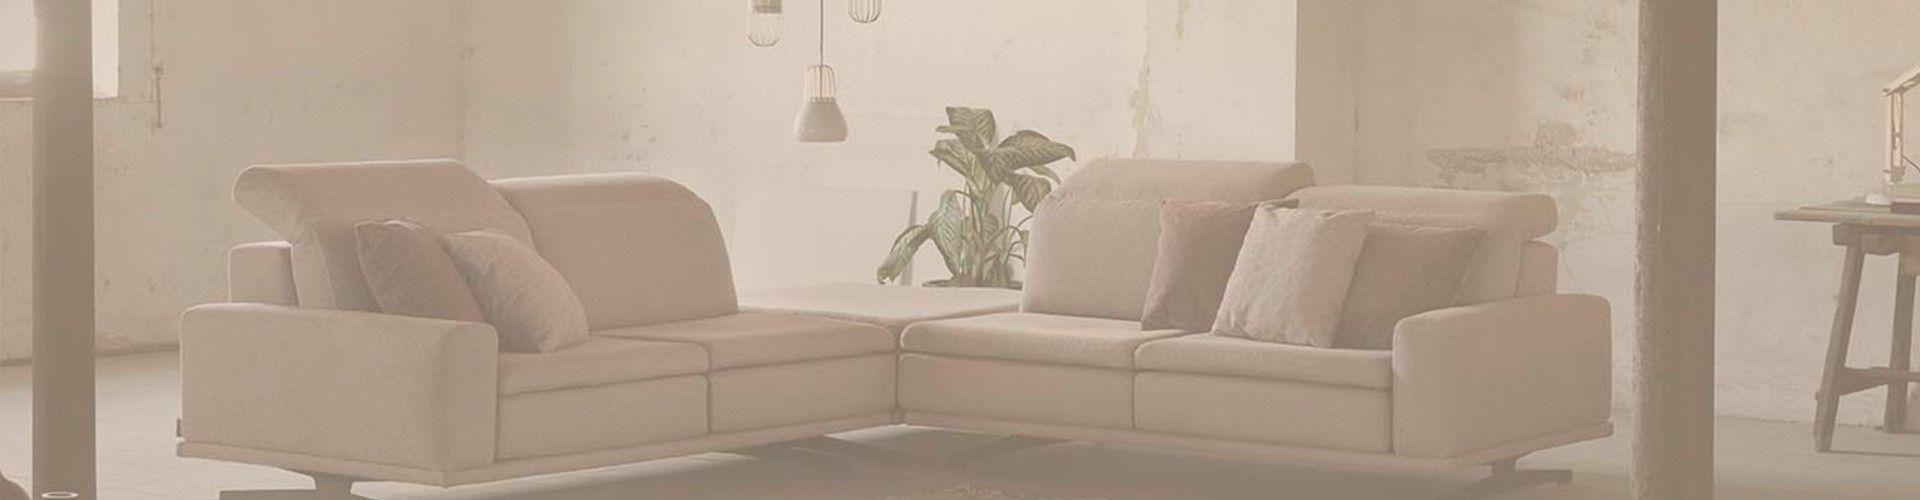 A simplicidade do conforto para criar bons momentos.